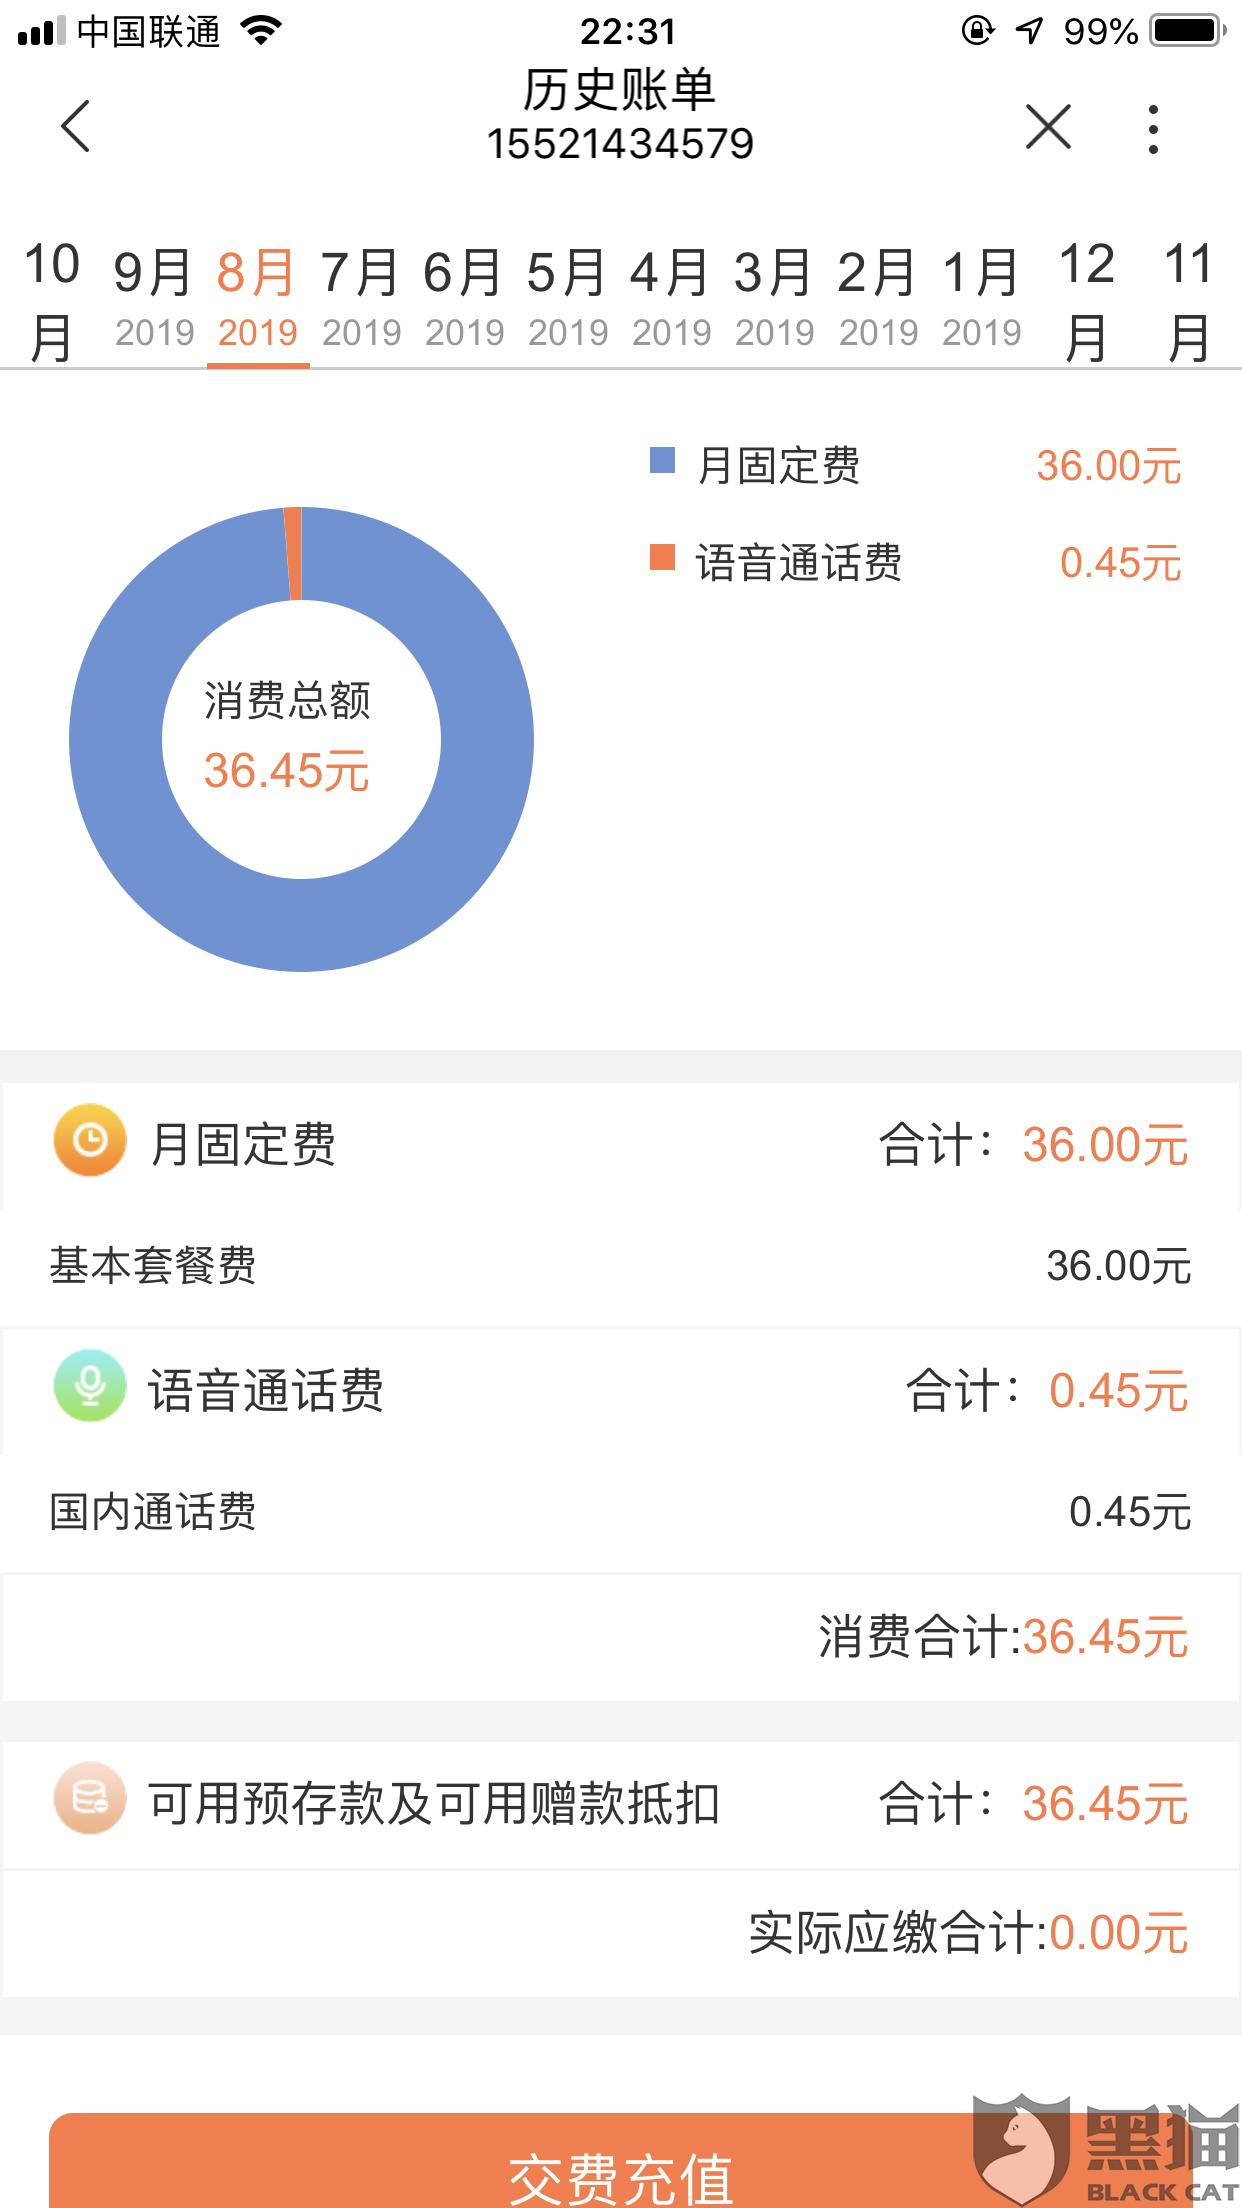 黑猫投诉:中国联通乱扣费